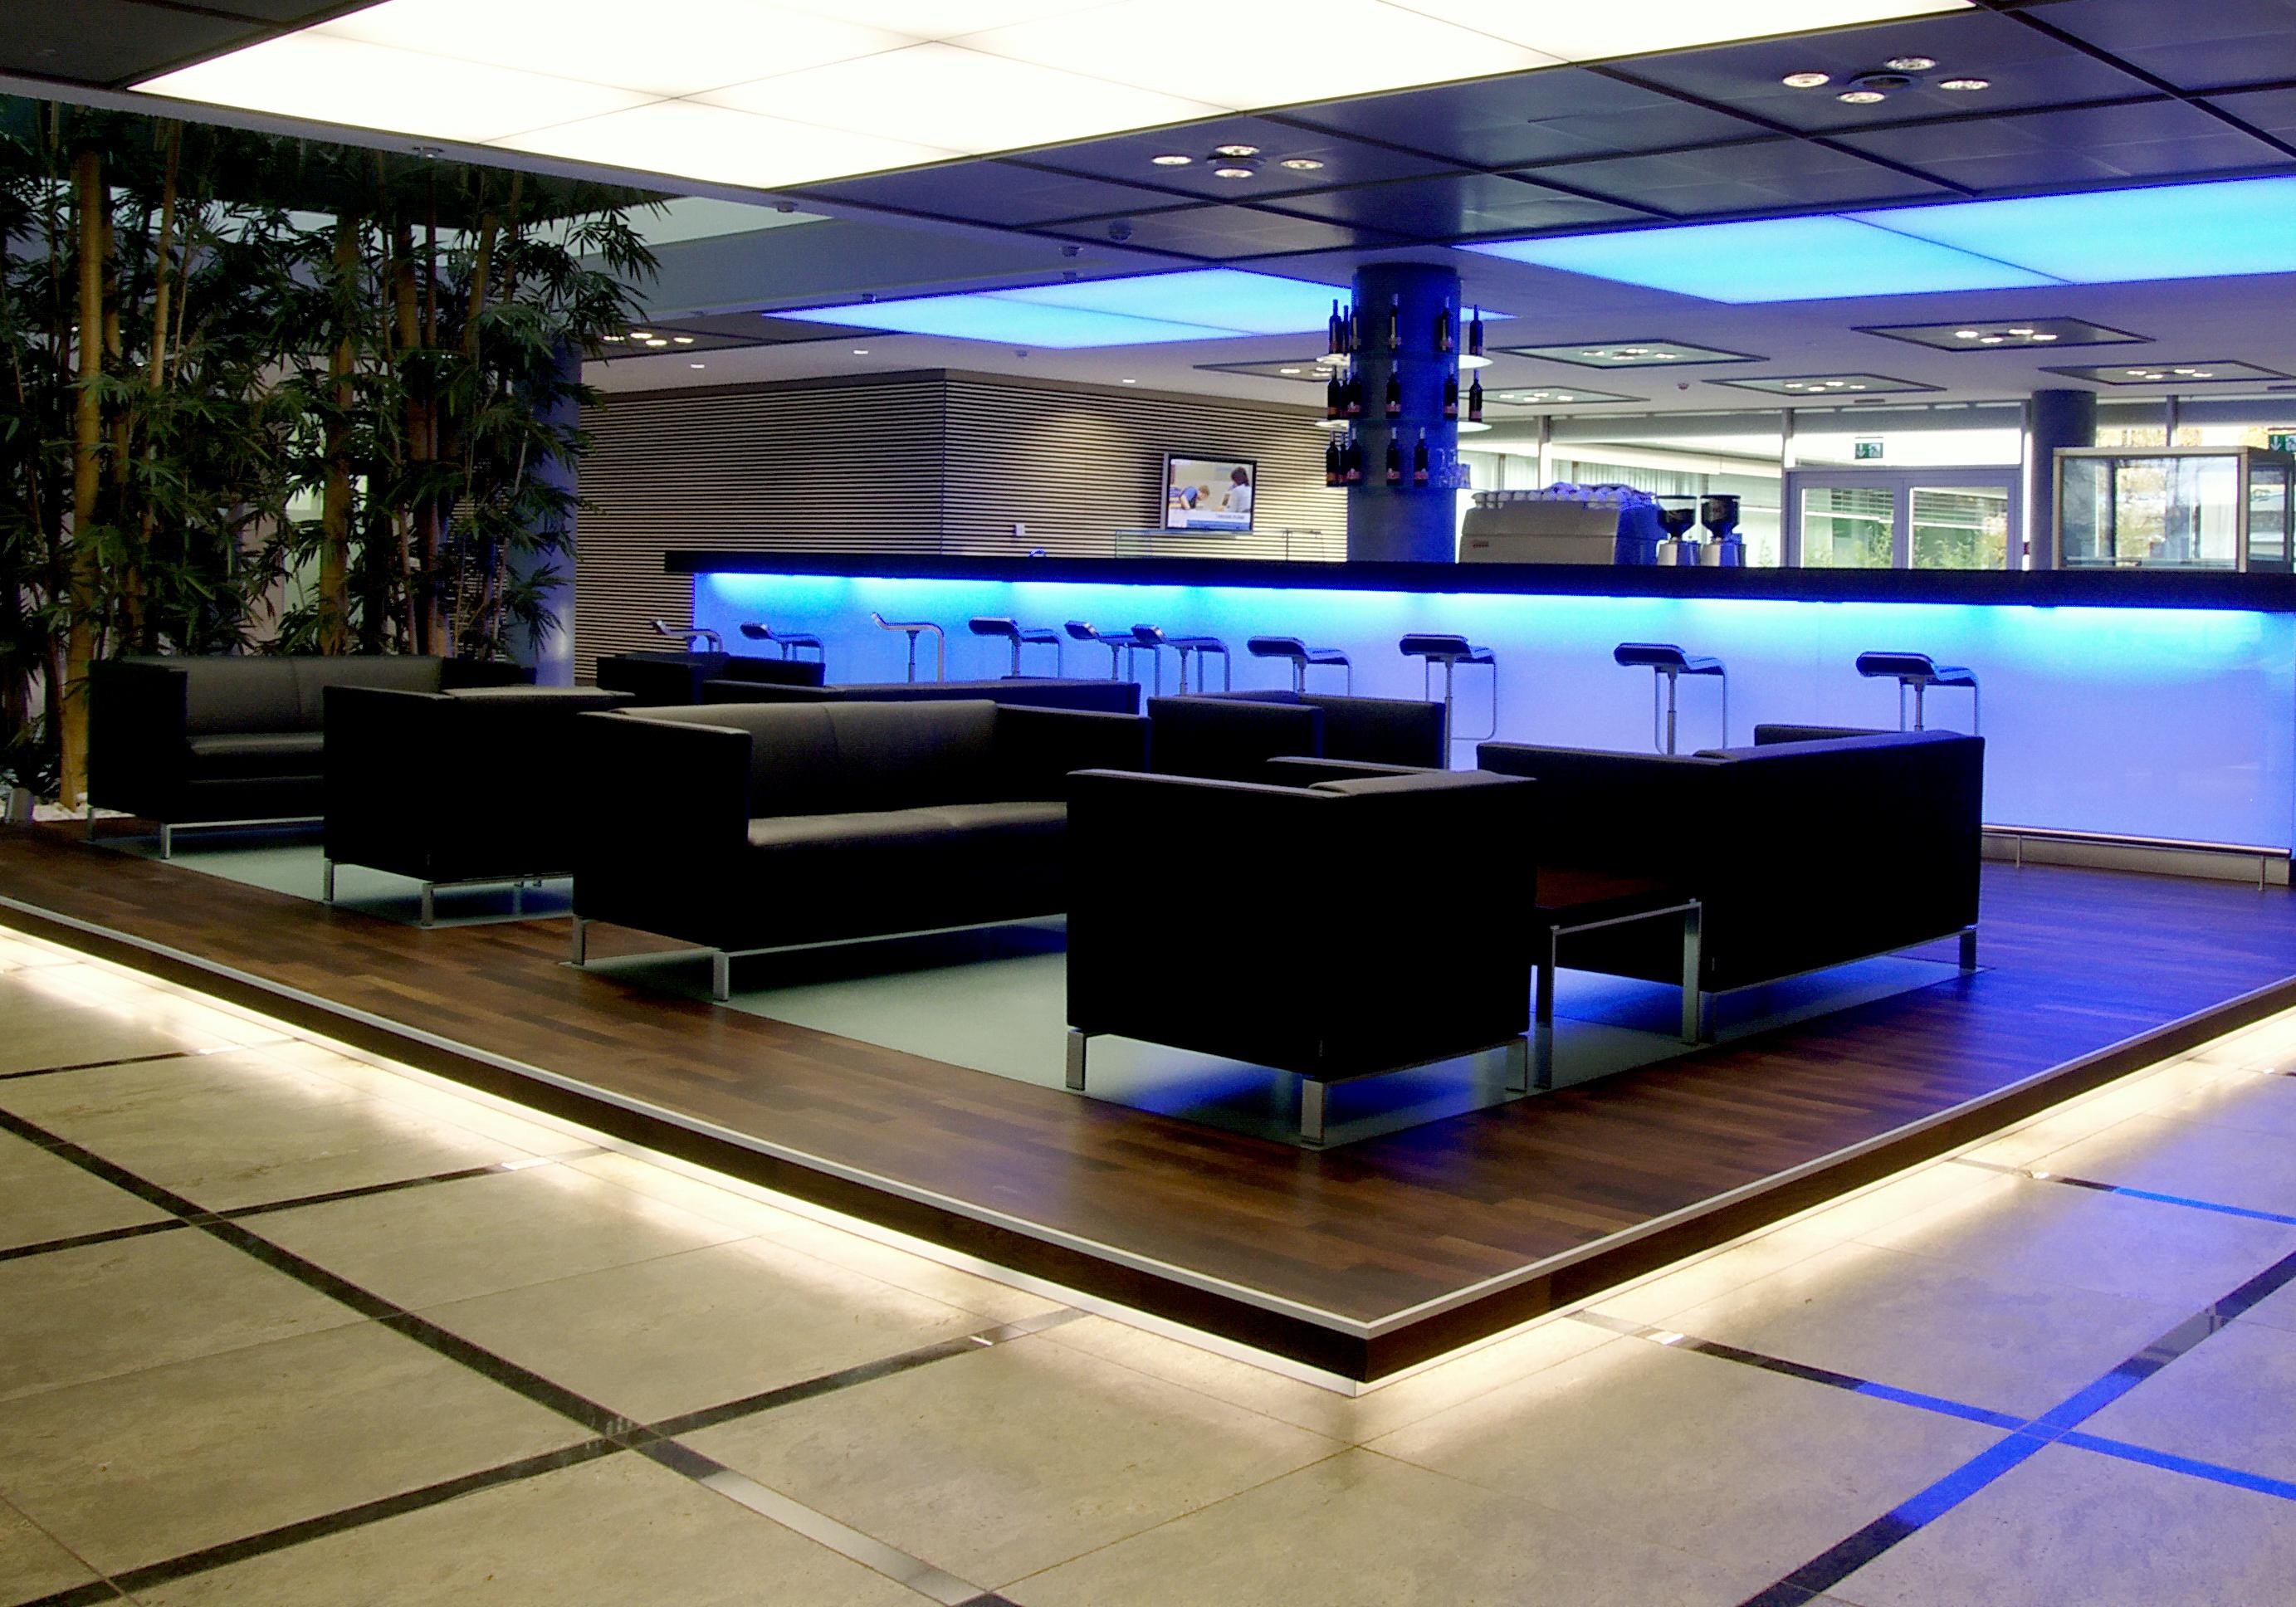 lounge im stand auf der bremse bleiben dann gas geben bmw x3 f25 205805312. Black Bedroom Furniture Sets. Home Design Ideas